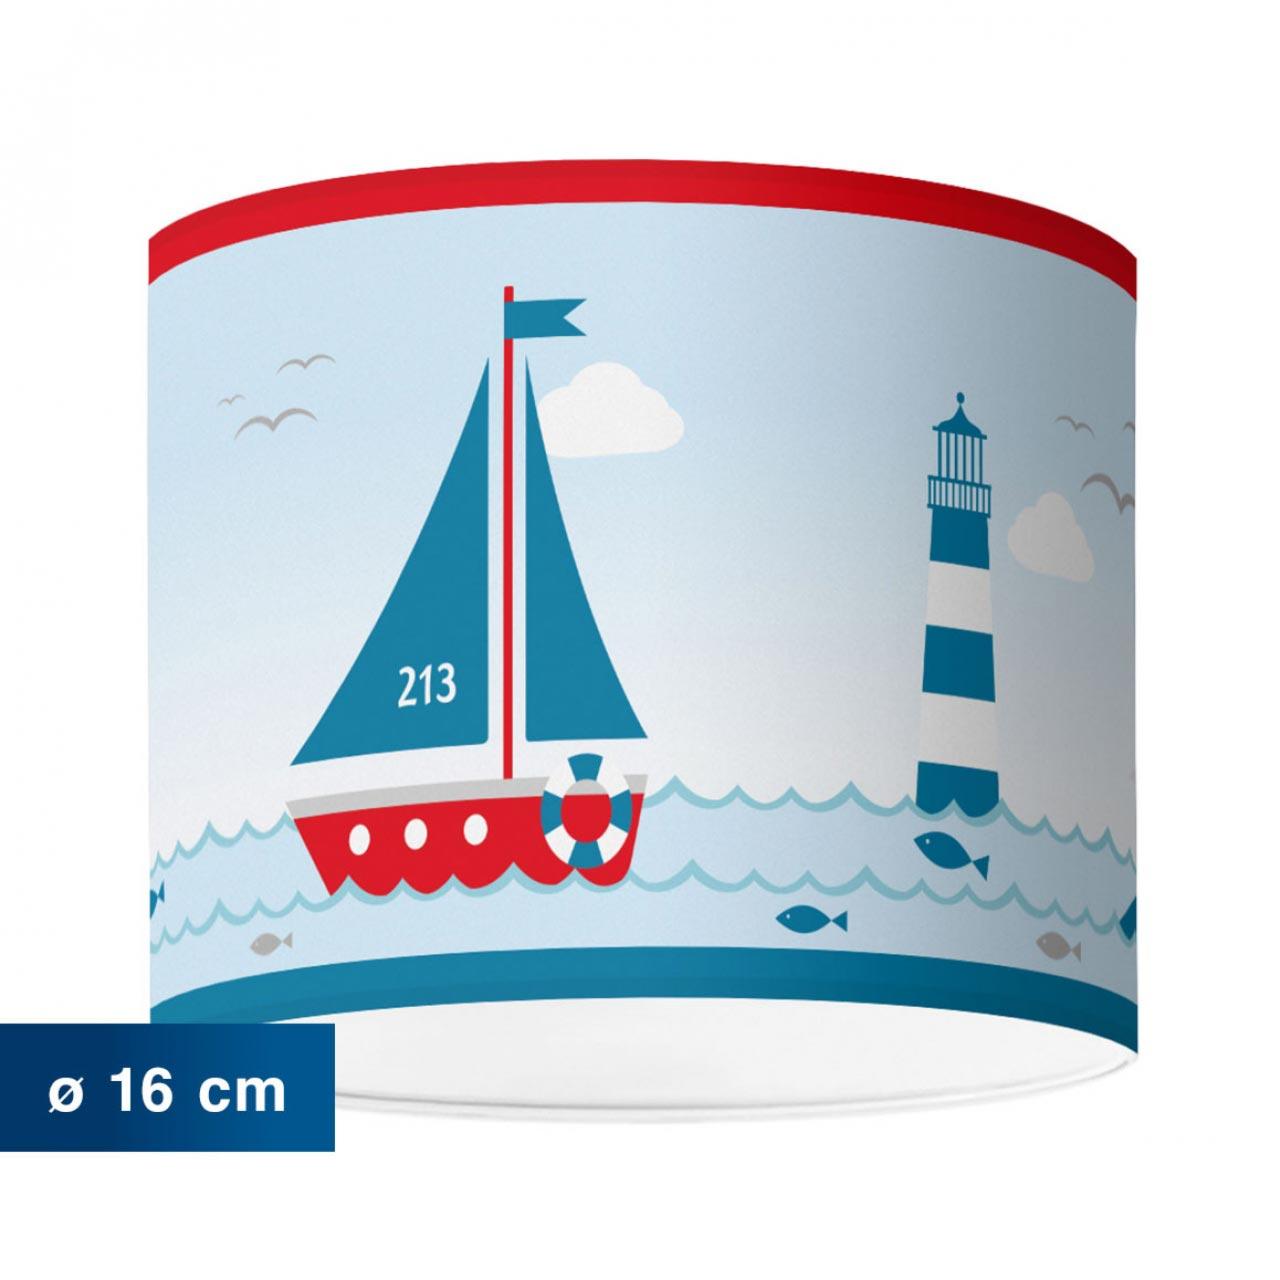 Lampenschirm im maritimen Design mit Leuchtturm, Sailing Red - ø 16 cm x 13,8 cm